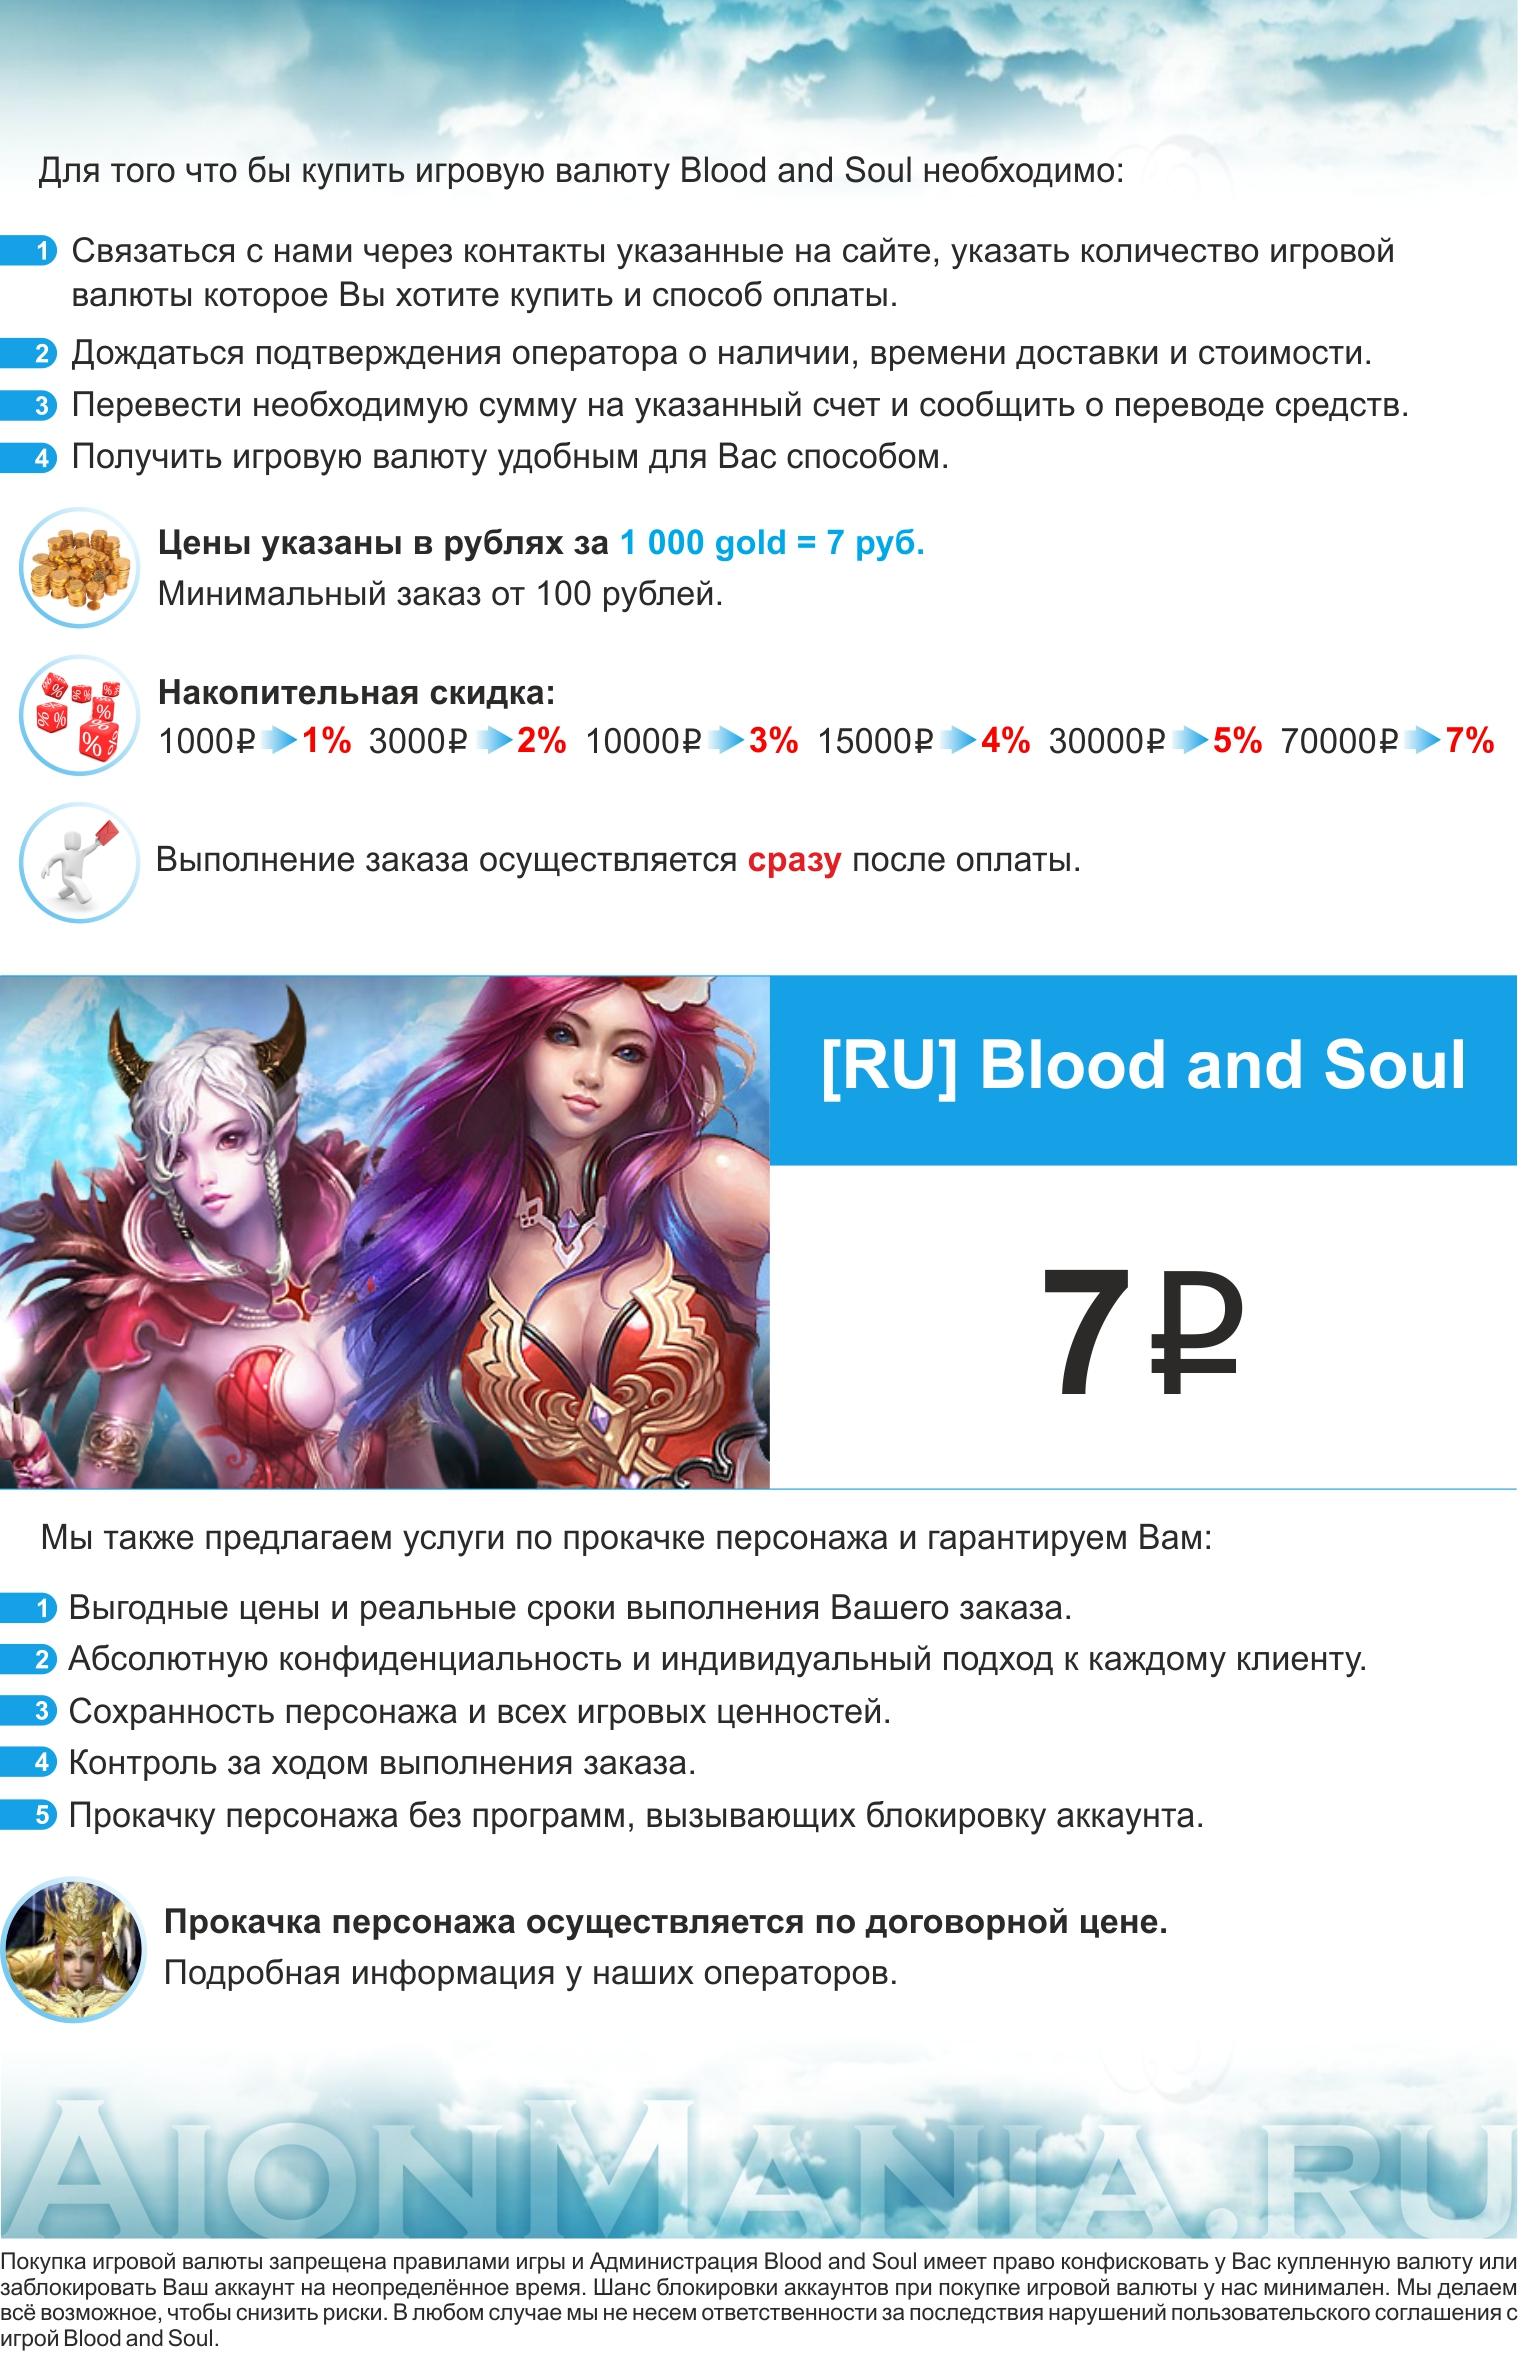 bloodnsoul7mnhy